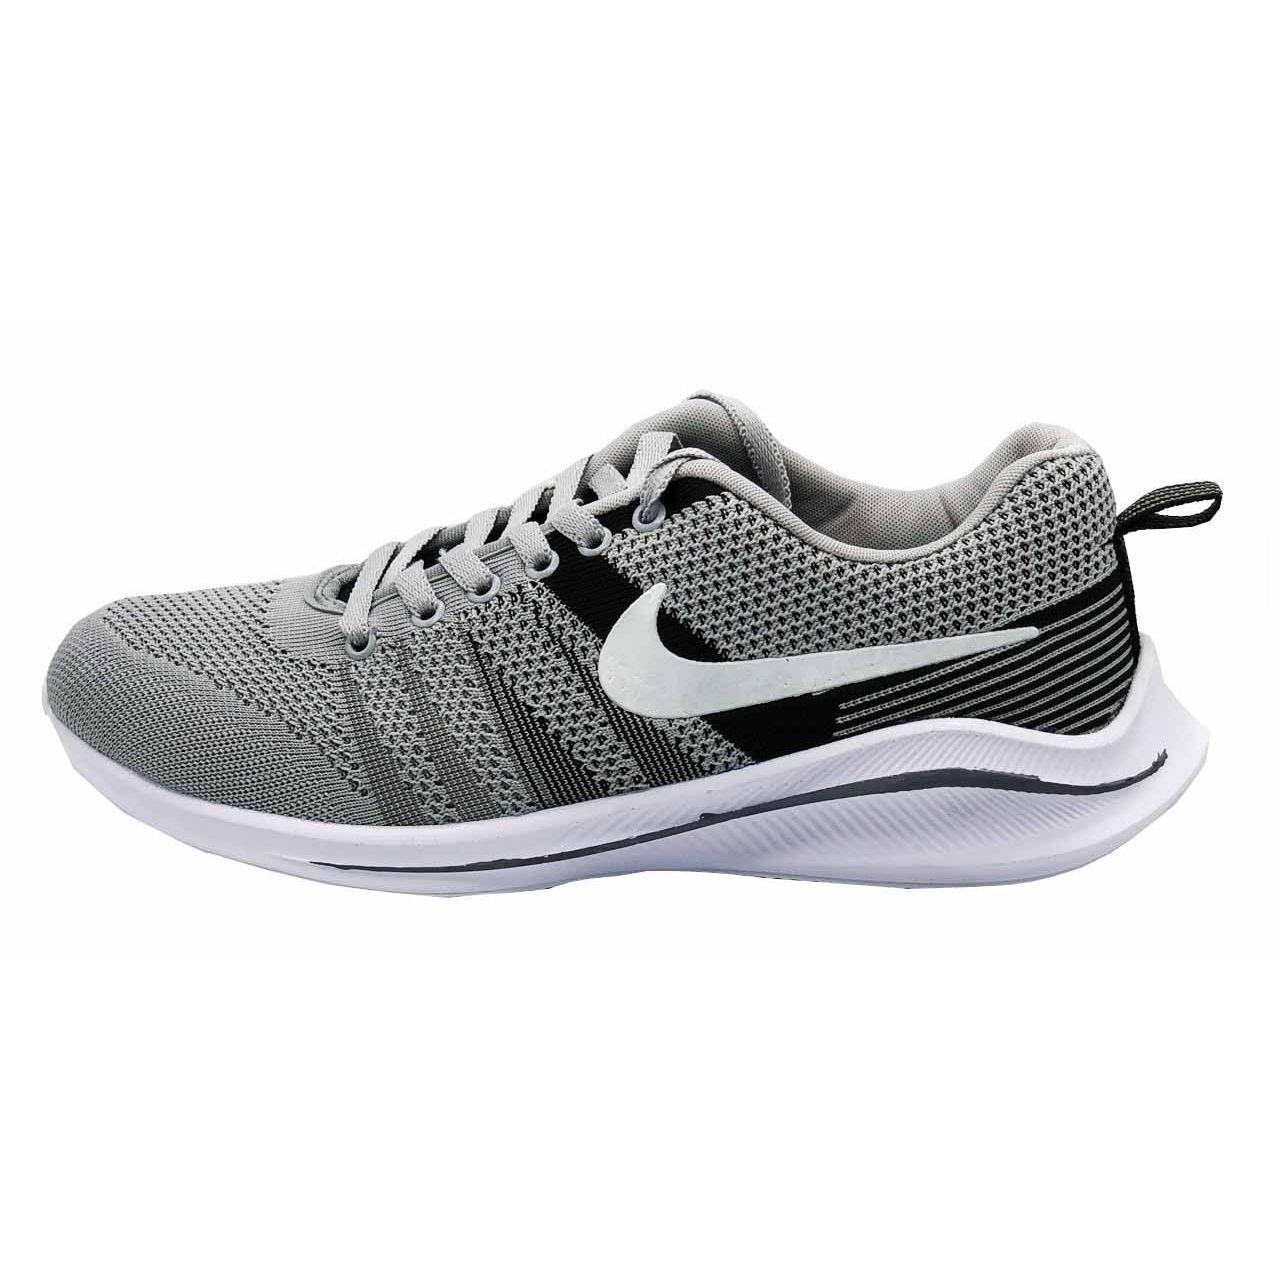 کفش مخصوص پیاده روی مردانه کد 9114 main 1 1